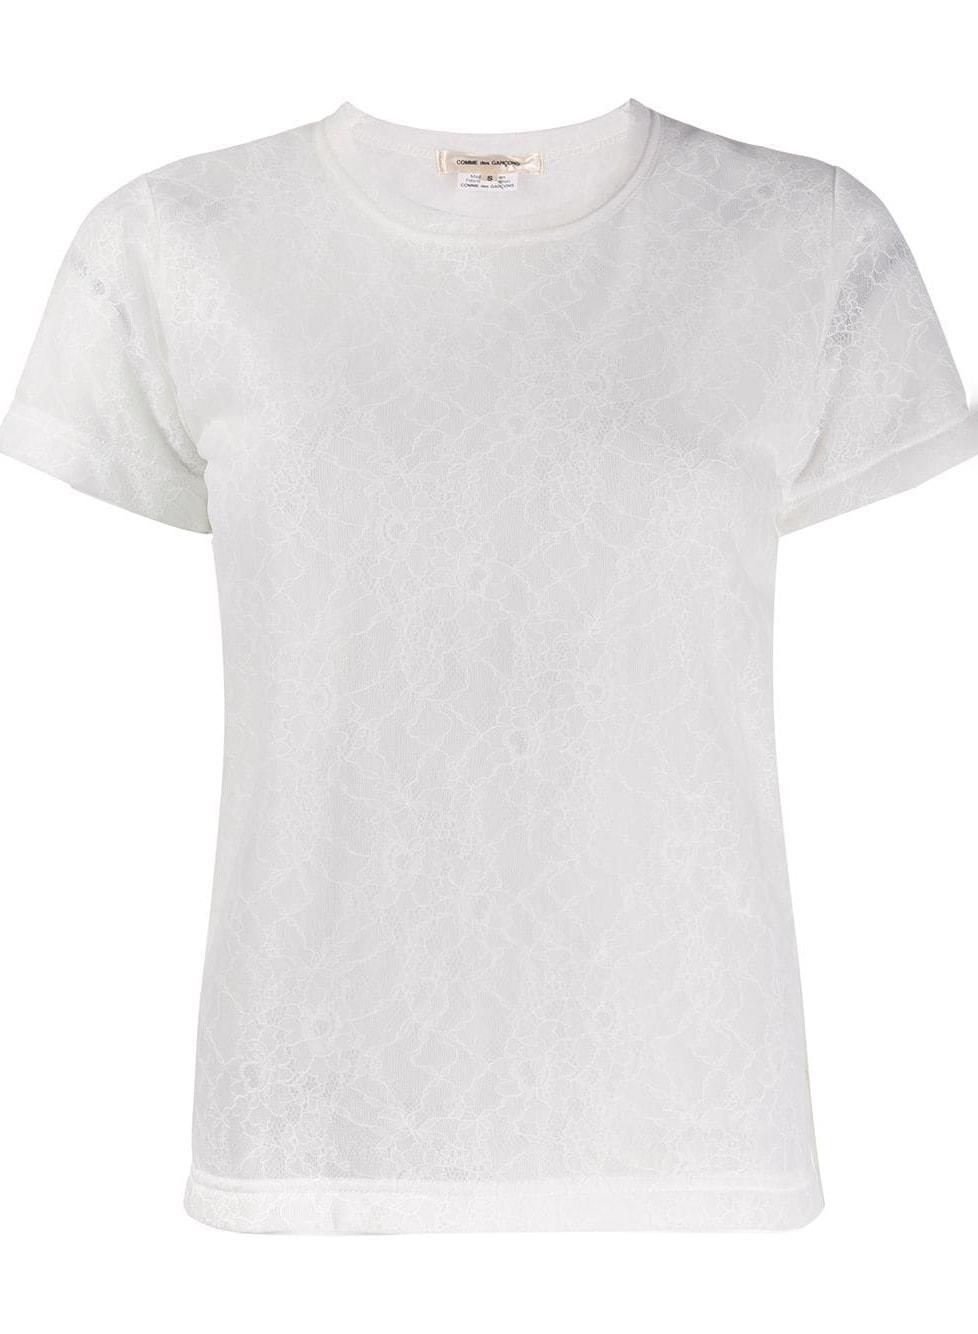 Comme Des Garçons Pre-Owned '2000s patterned T-shirt